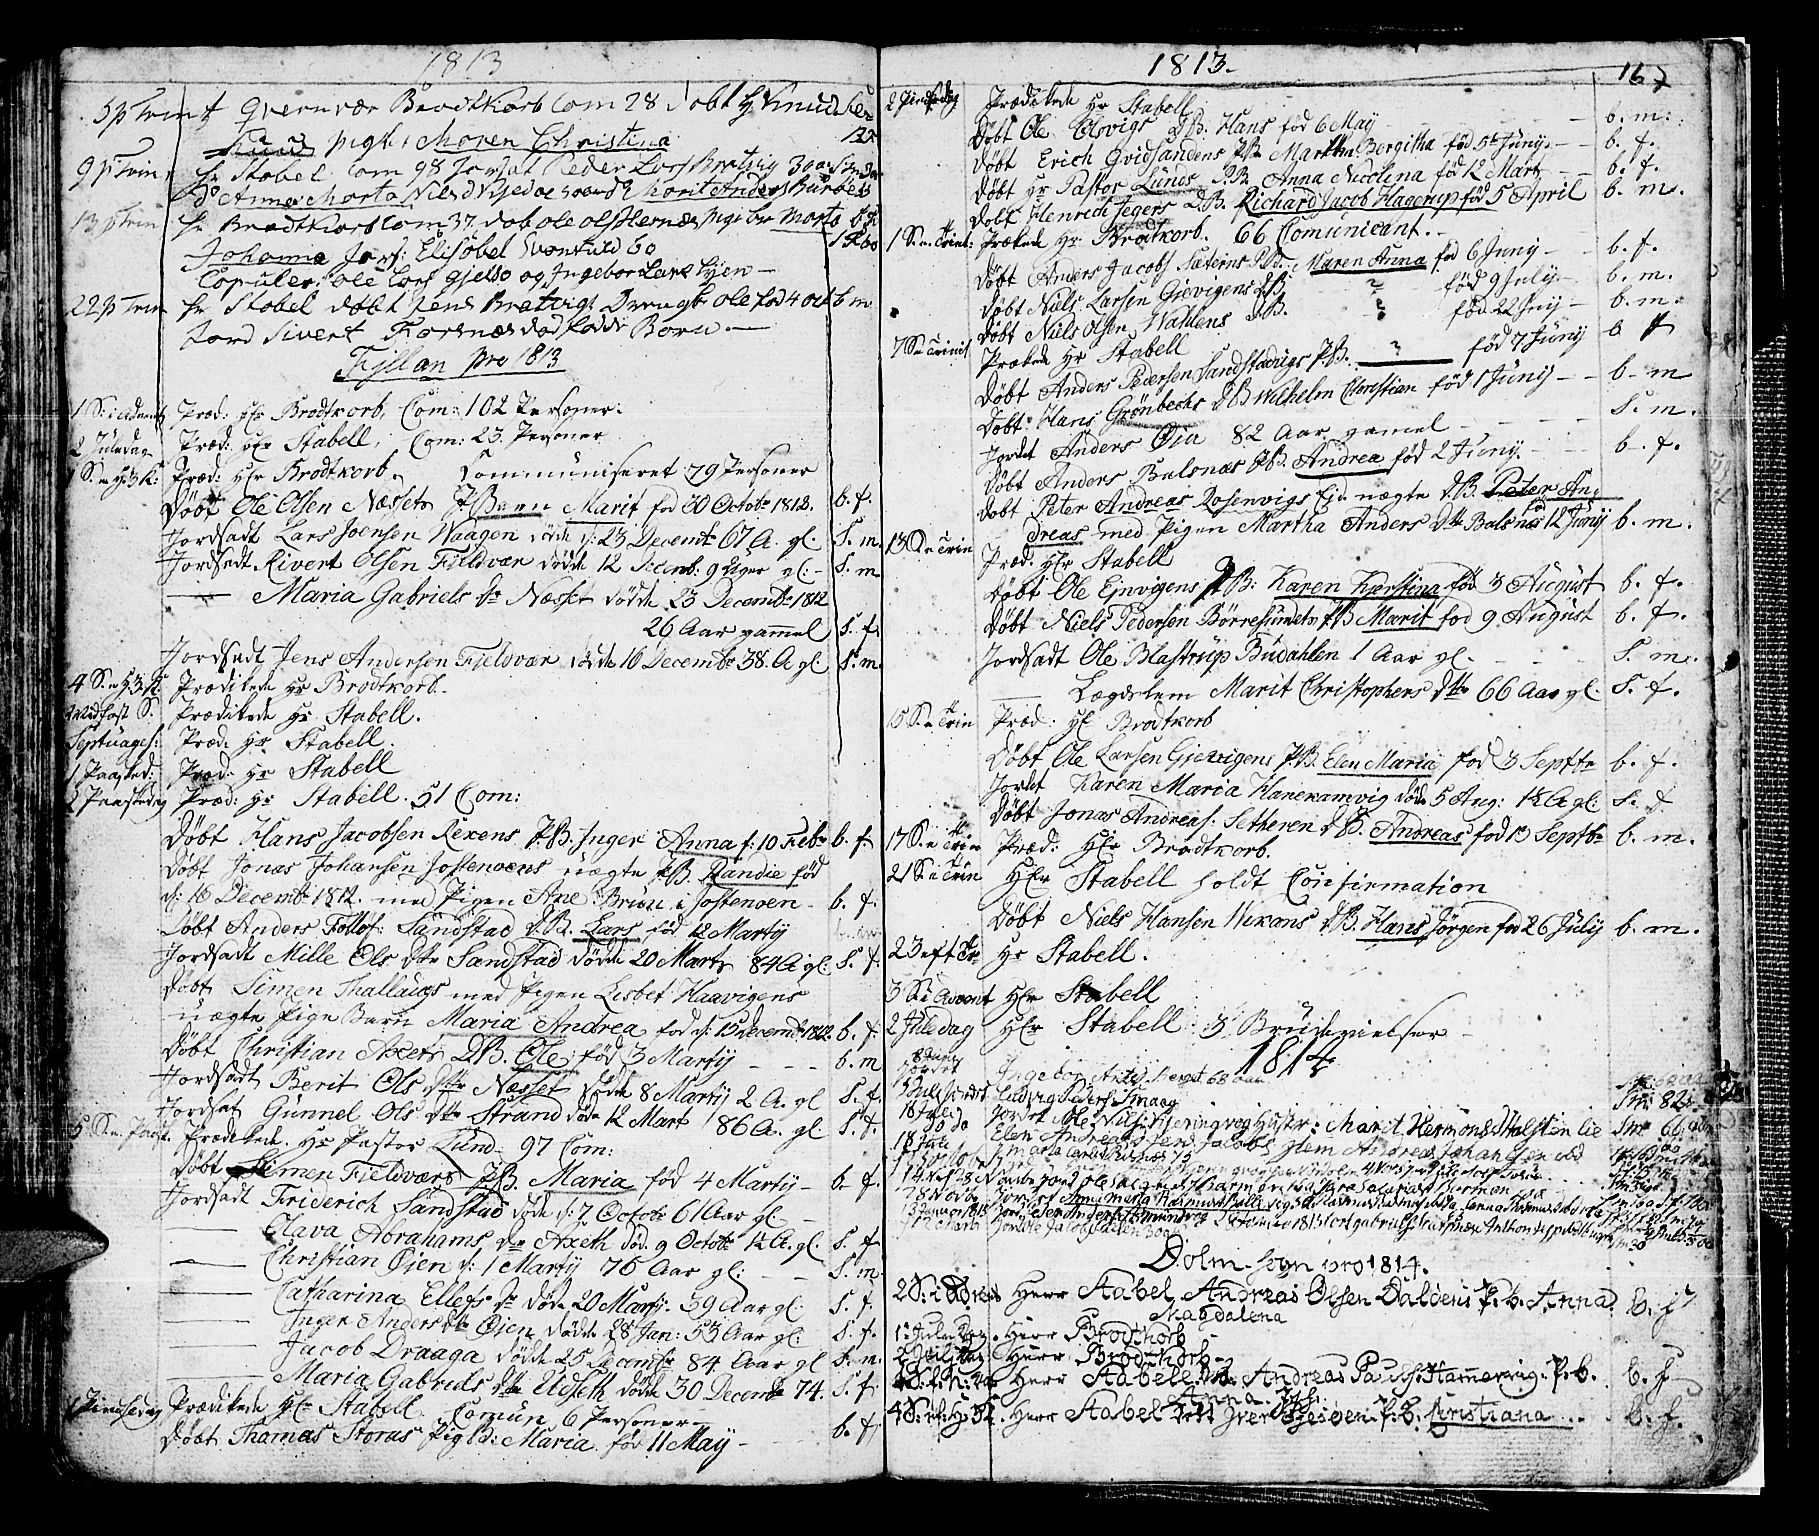 SAT, Ministerialprotokoller, klokkerbøker og fødselsregistre - Sør-Trøndelag, 634/L0526: Ministerialbok nr. 634A02, 1775-1818, s. 167